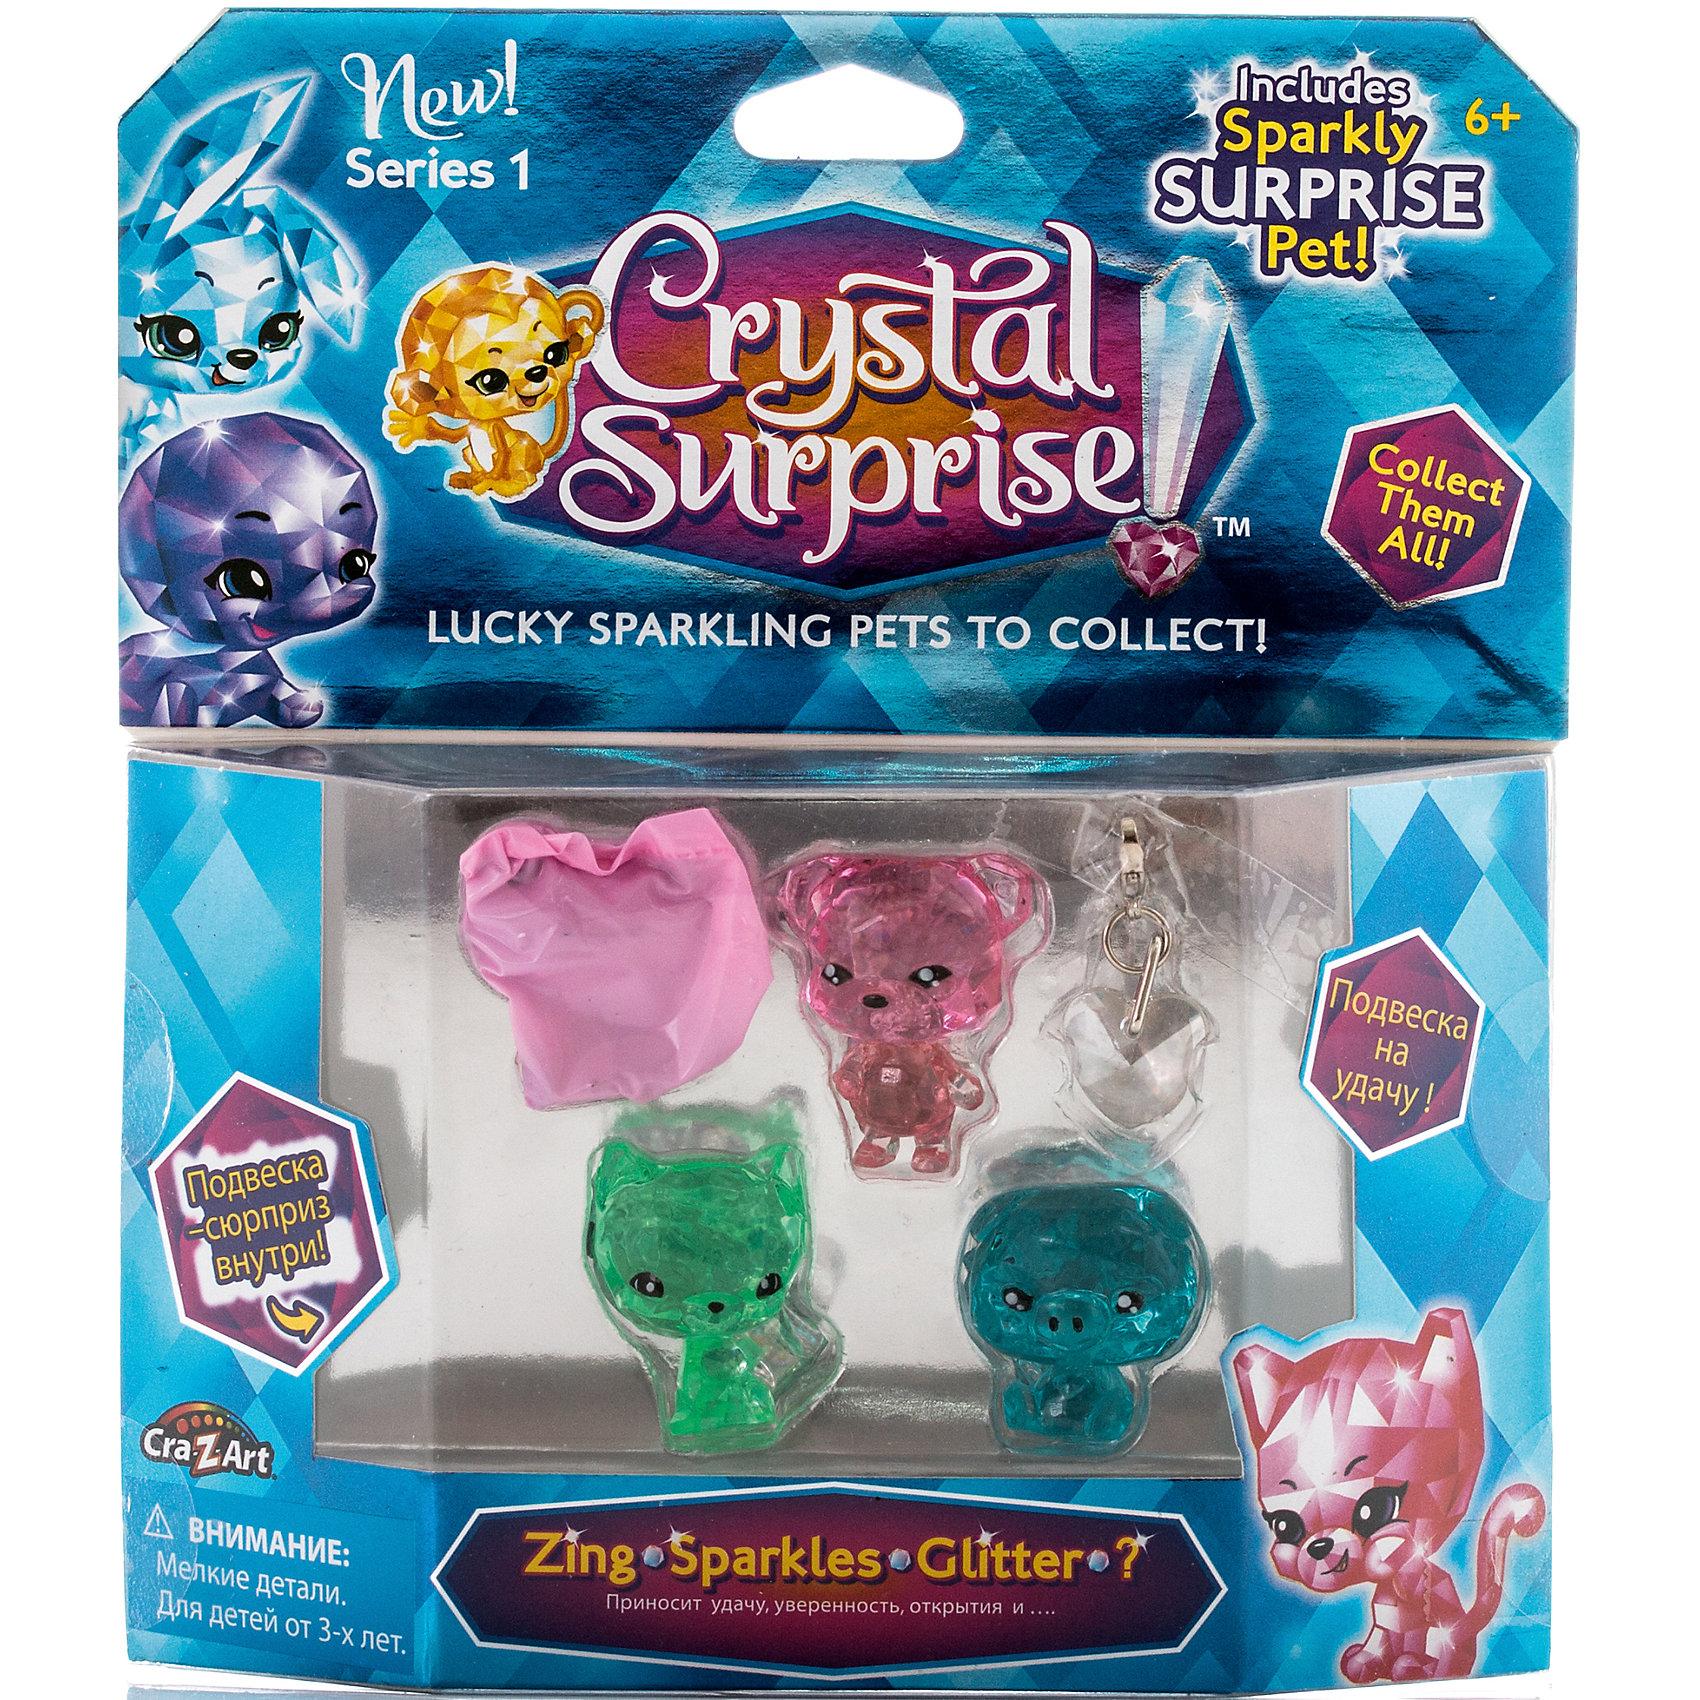 Игровой набор 2 - 4 фигурки , Crystal SurpriseПопулярные игрушки<br>Игровой набор Crystal Surprise включает 4 кристальные фигурки животных-талисманов. Одна из них станет сюрпризом! В наборе 3 открытые фигурки - поросенок Зинг, который приносит удачу, Медвежонок Спаркл, который поможет обрести уверенность в себе и Глиттер, чья задача - помочь сделать новые интересные открытия.<br><br>Все фигурки сделаны из прозрачного материала, окрашенного в разные цвета. Они искрятся на солнце, как настоящие кристаллы! Каждая фигурка - талисман. У персонажей разные волшебные силы, внешний вид, характер и история.<br><br>Фигурки могут отличатся от фигурок аналогичных персонажей из других наборов Crystal Surprise - вы можете собрать фигурки одного зверька, разных цветов!<br><br>Ширина мм: 170<br>Глубина мм: 190<br>Высота мм: 30<br>Вес г: 107<br>Возраст от месяцев: 36<br>Возраст до месяцев: 192<br>Пол: Женский<br>Возраст: Детский<br>SKU: 4663714